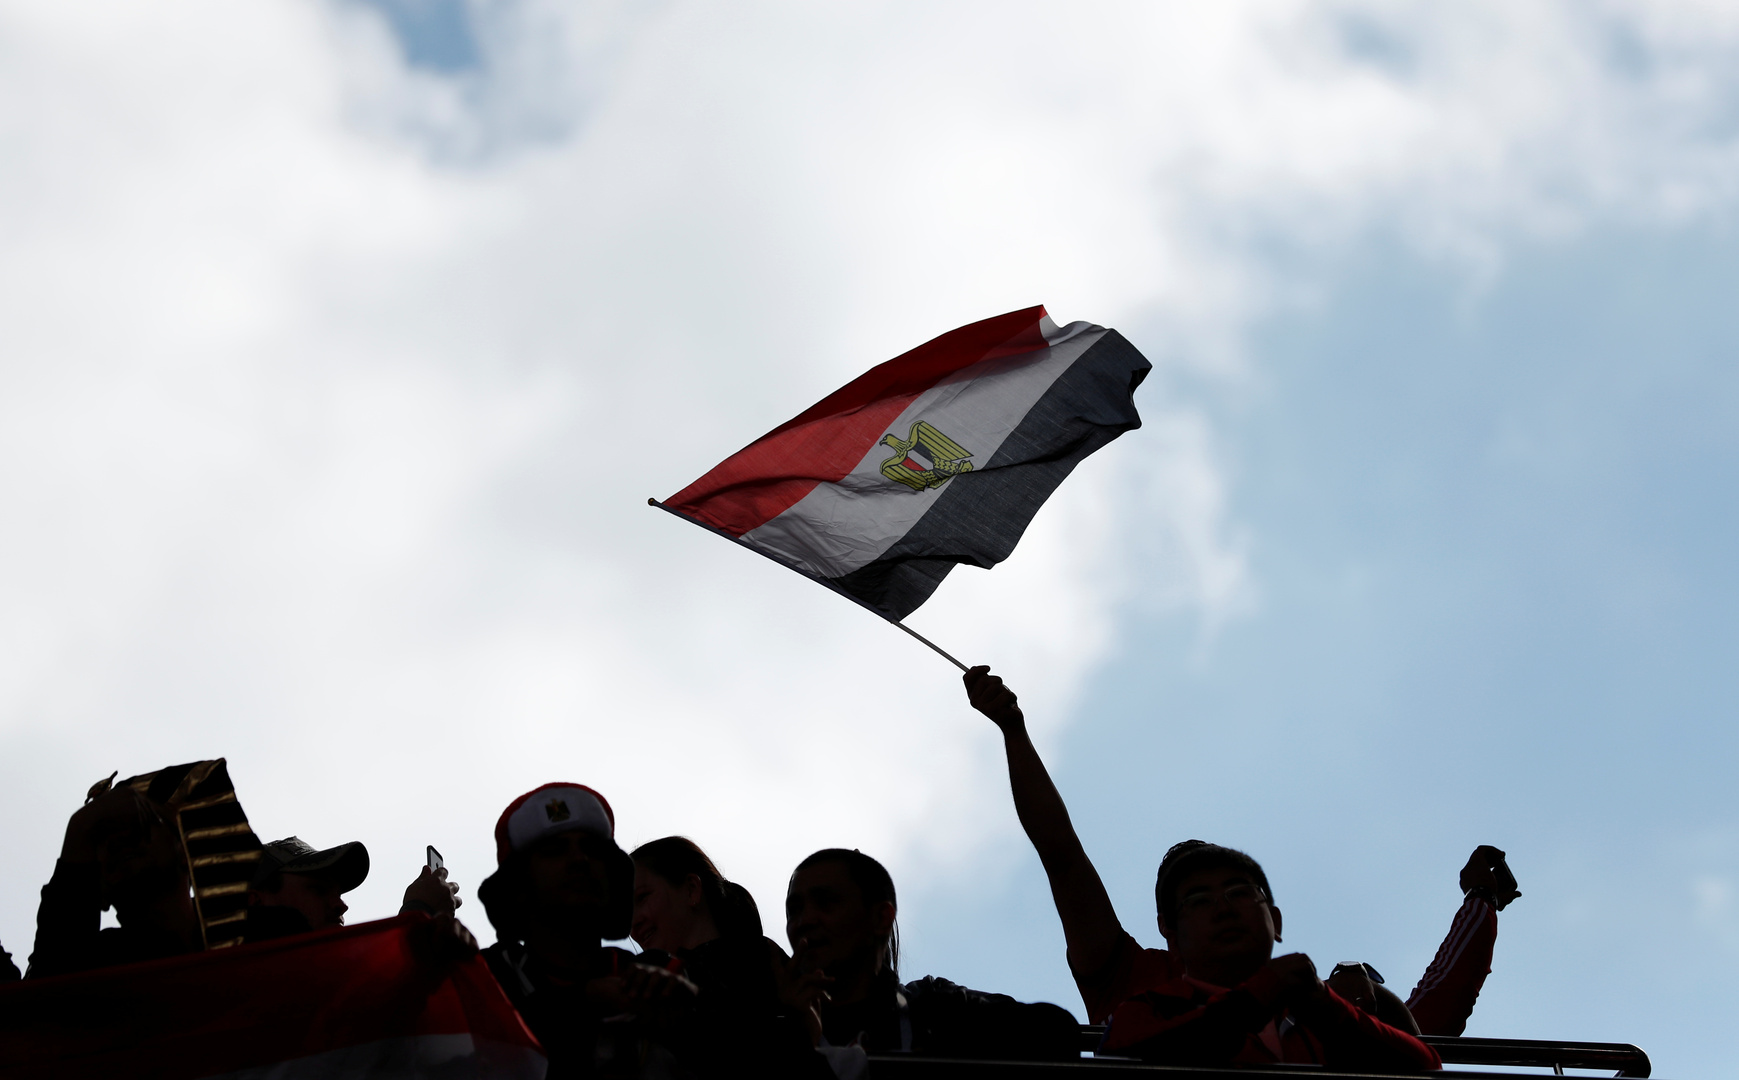 مصر.. طلب إحاطة عاجل يتهم وزيرة الصحة بإهدار مليار وملايين الجنيهات